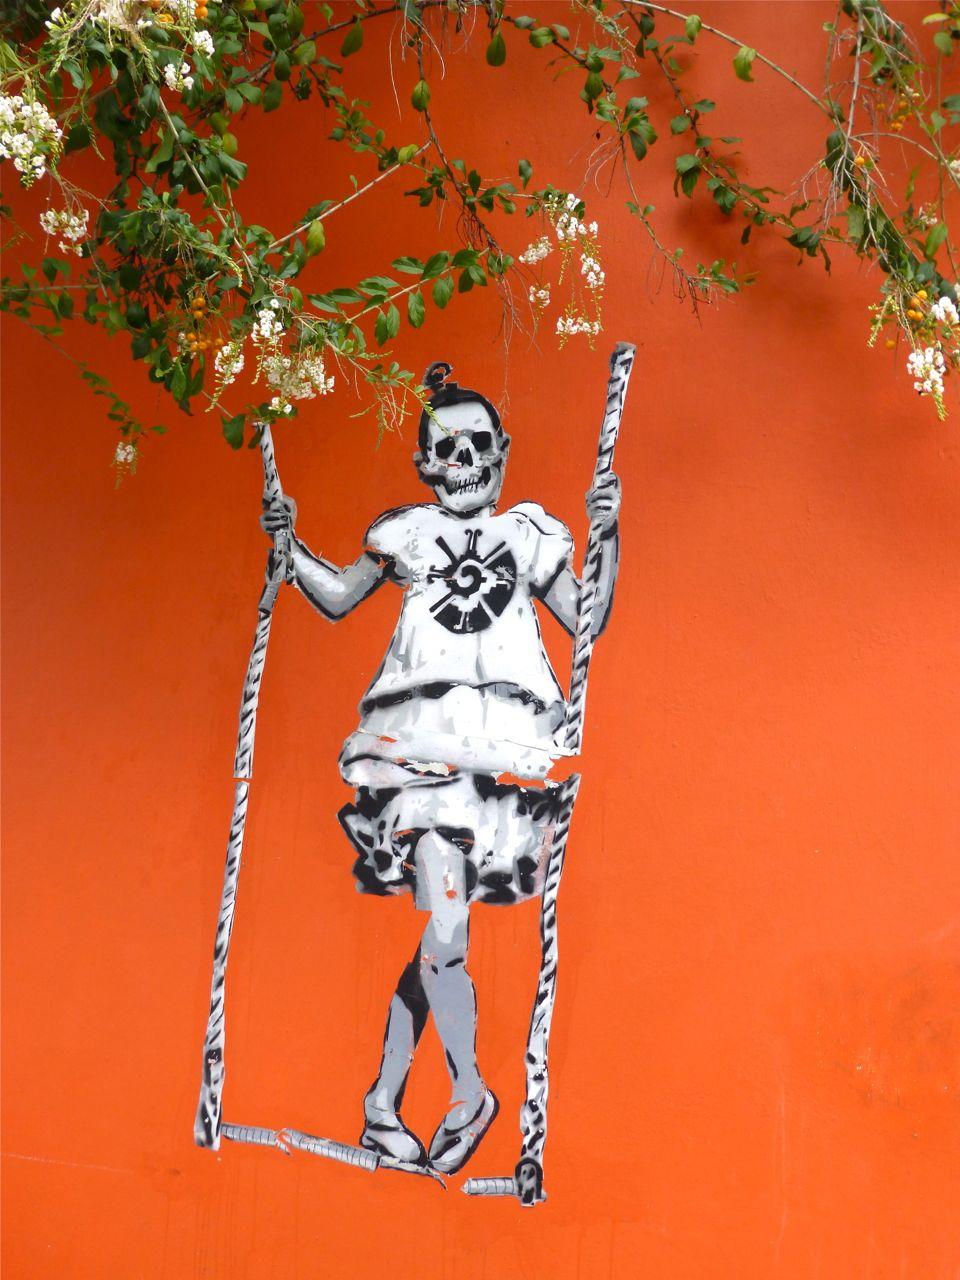 Skeleton on swing painted on orange wall